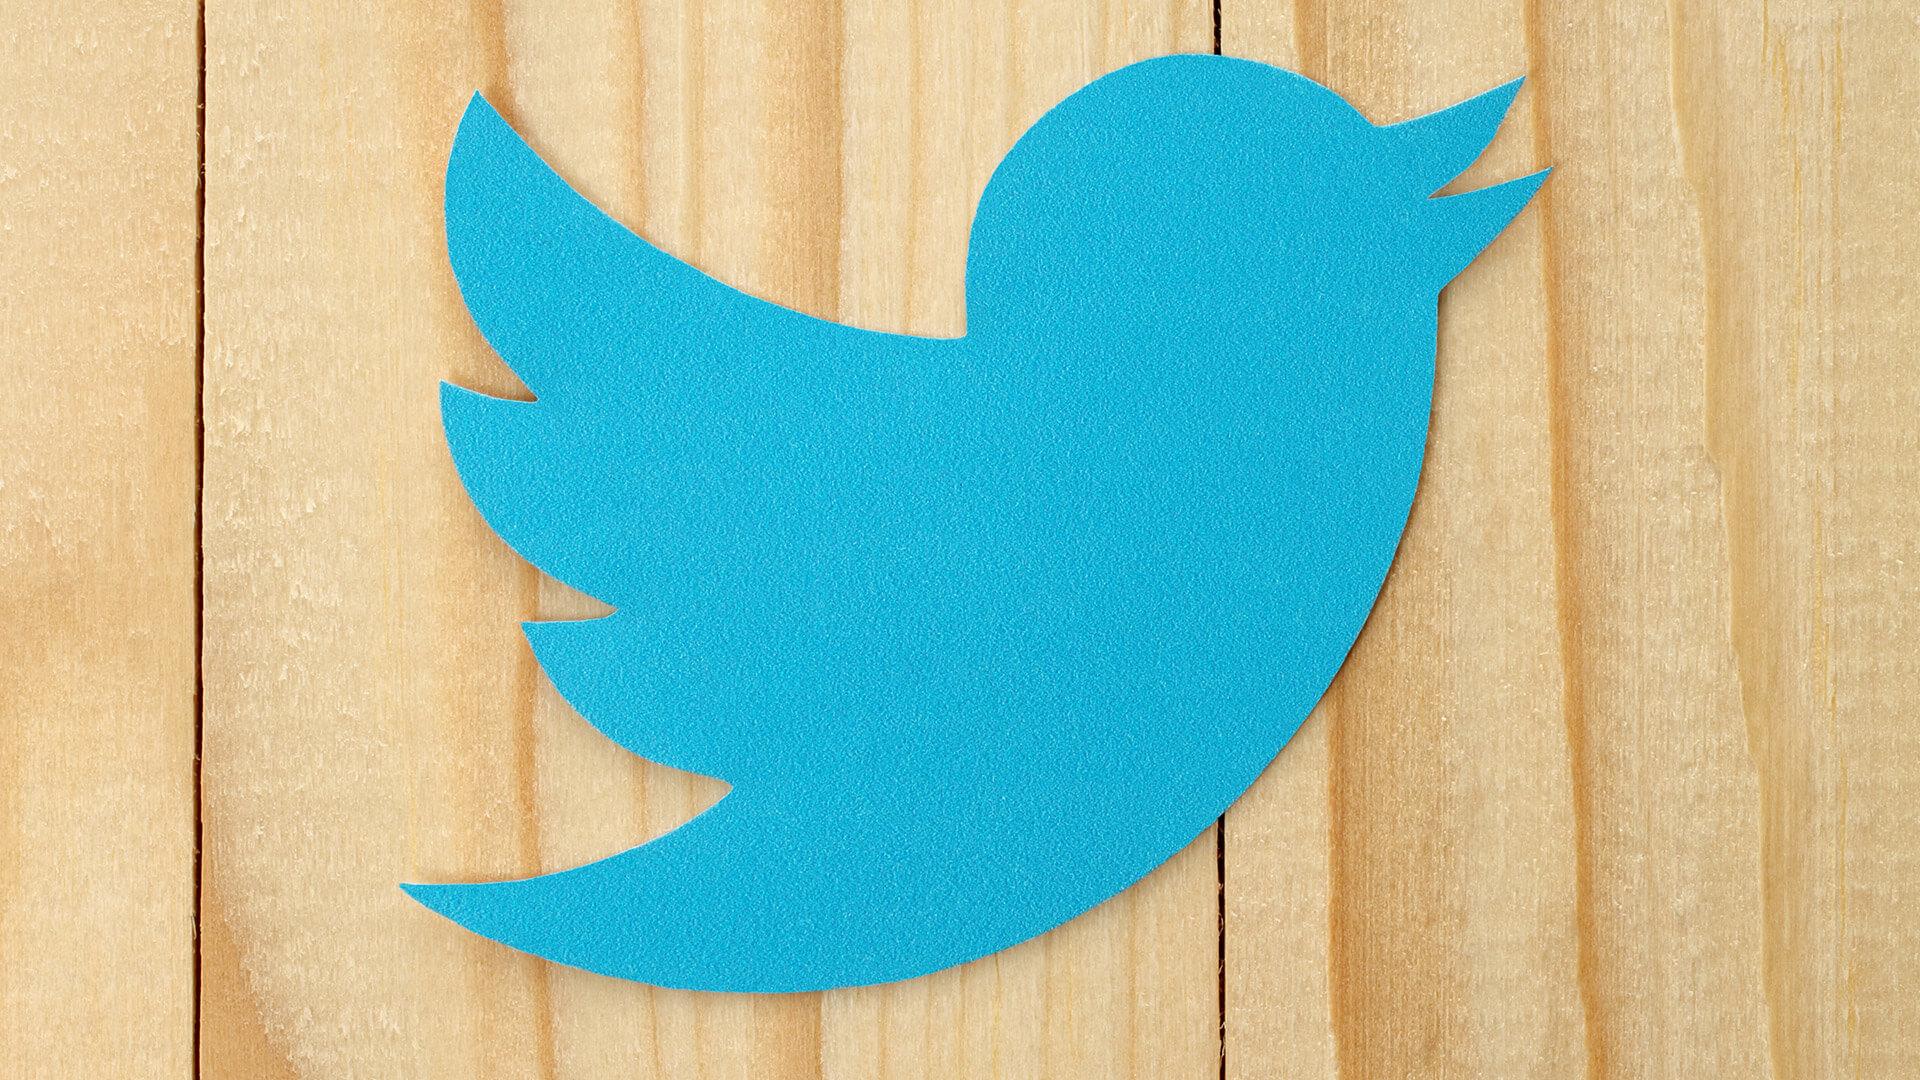 twitter-bird-logo-ss-1920.jpg